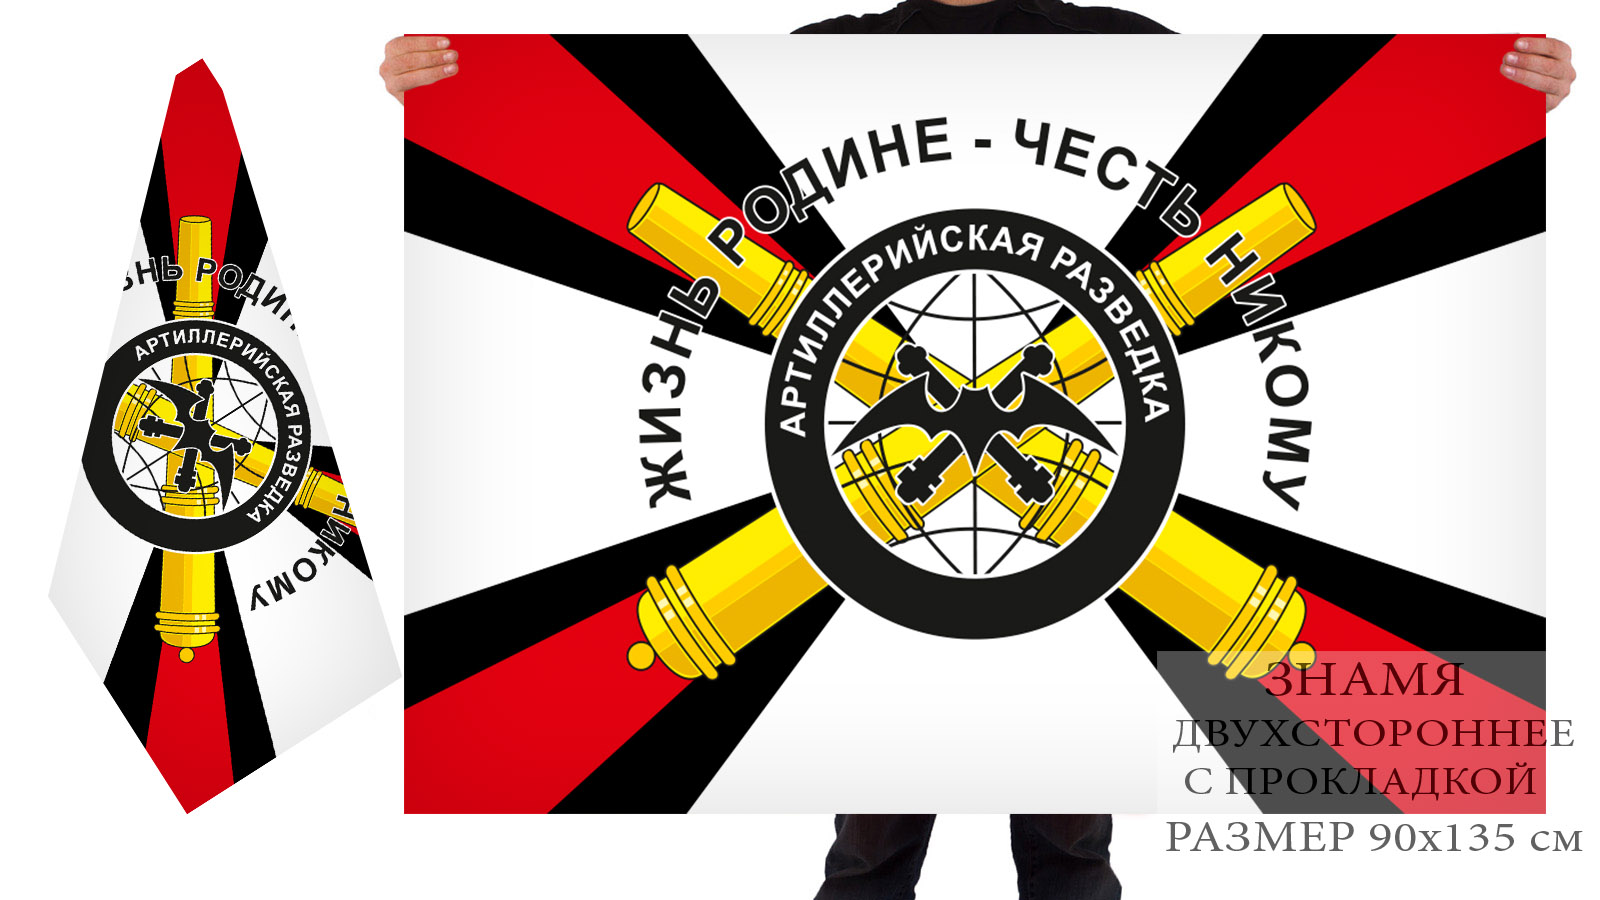 Двусторонний флаг артиллерийской разведки